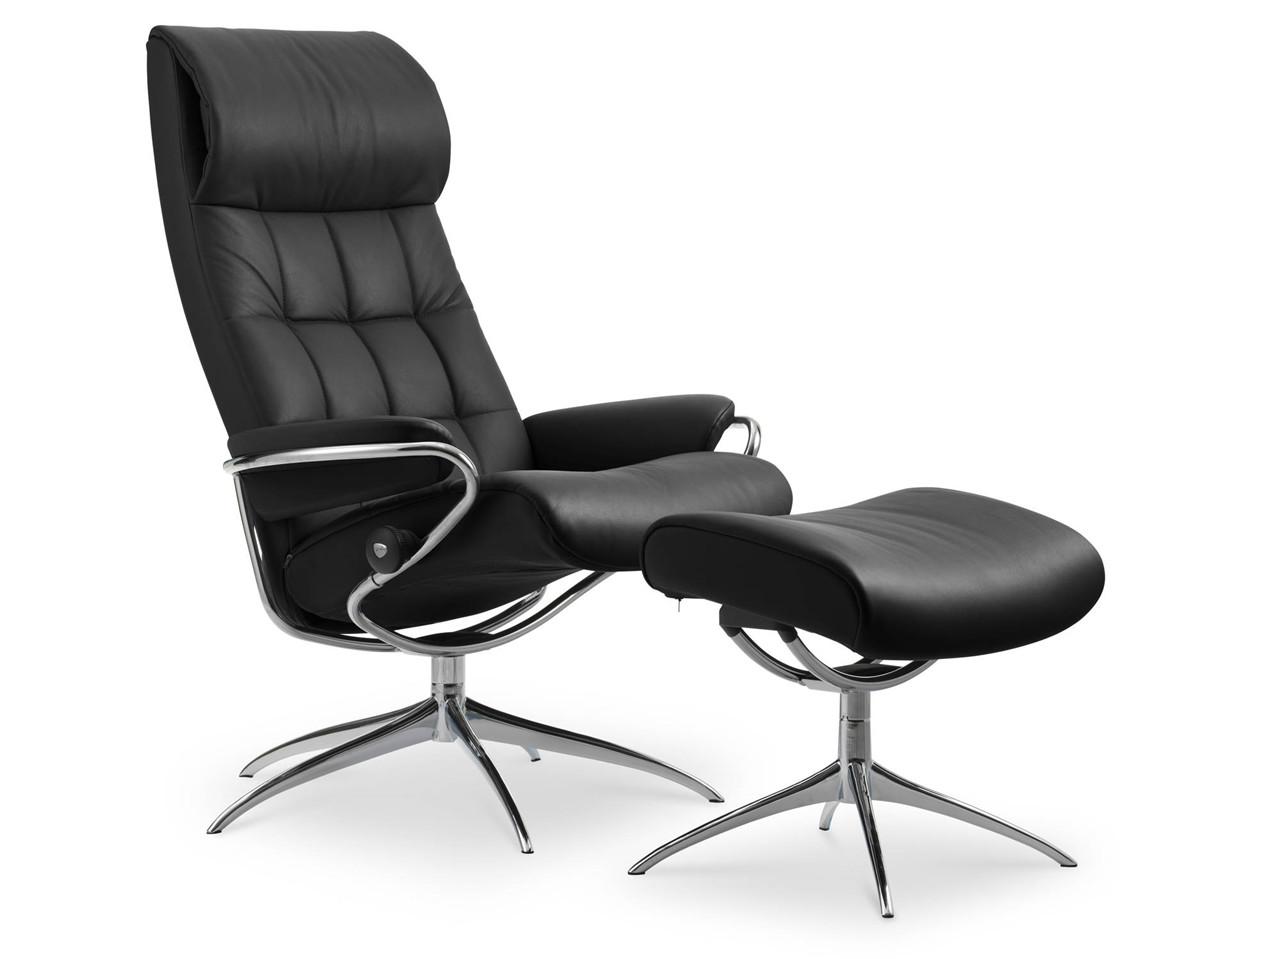 stressless lænestol Stressless lænestol | Køb din Stressless stol med prisgaranti stressless lænestol